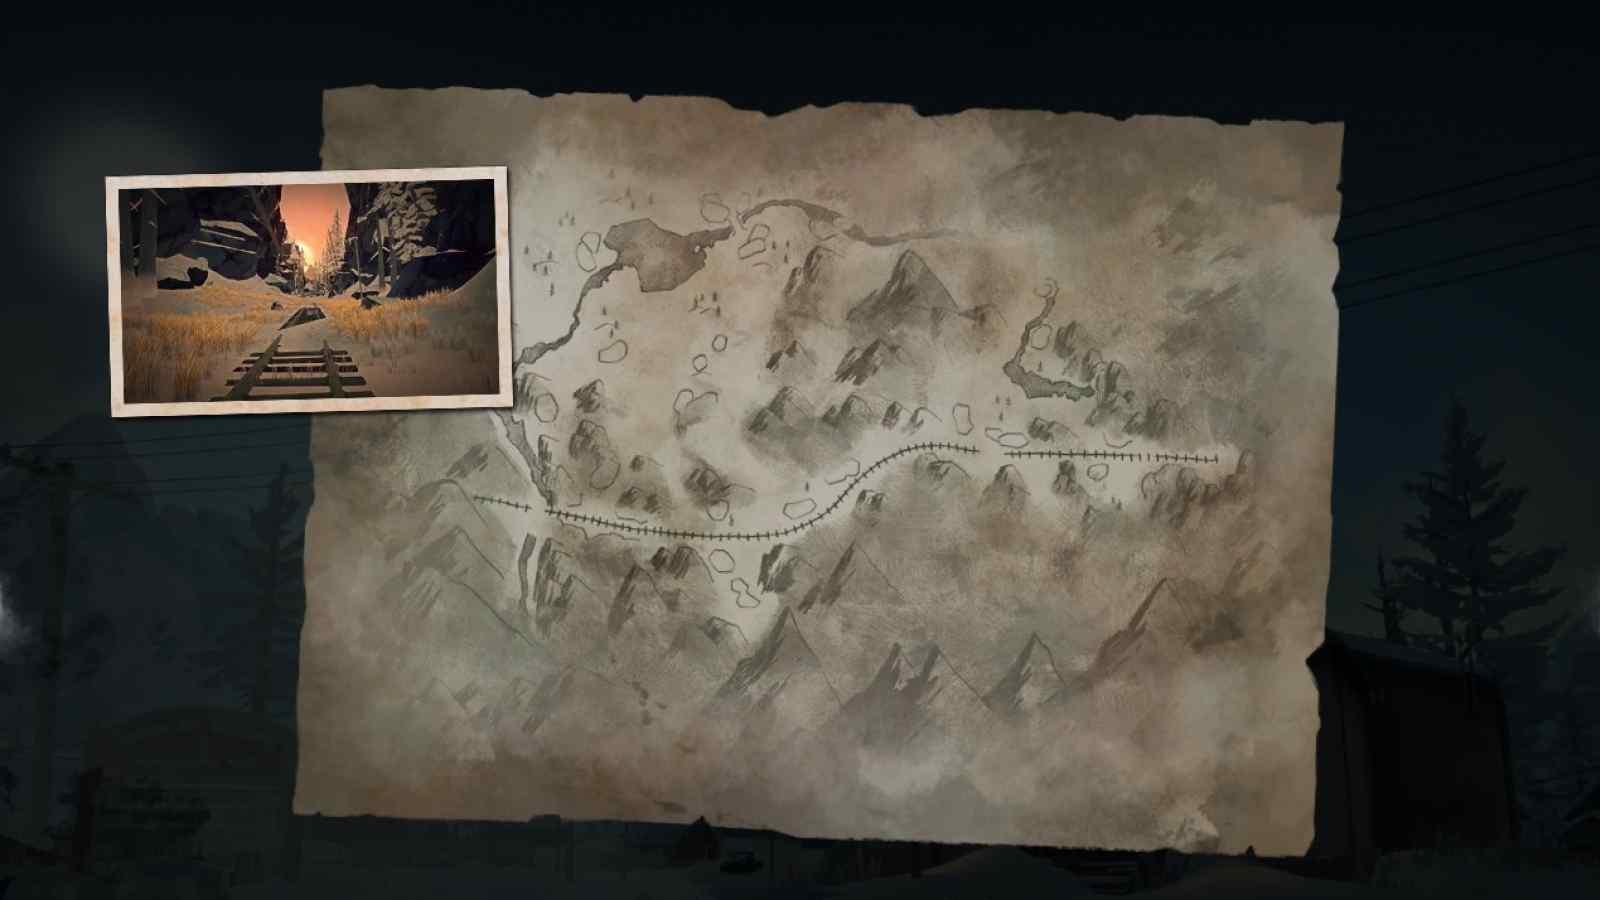 Заставка локации Разбитая железная дорога в игре The long dark